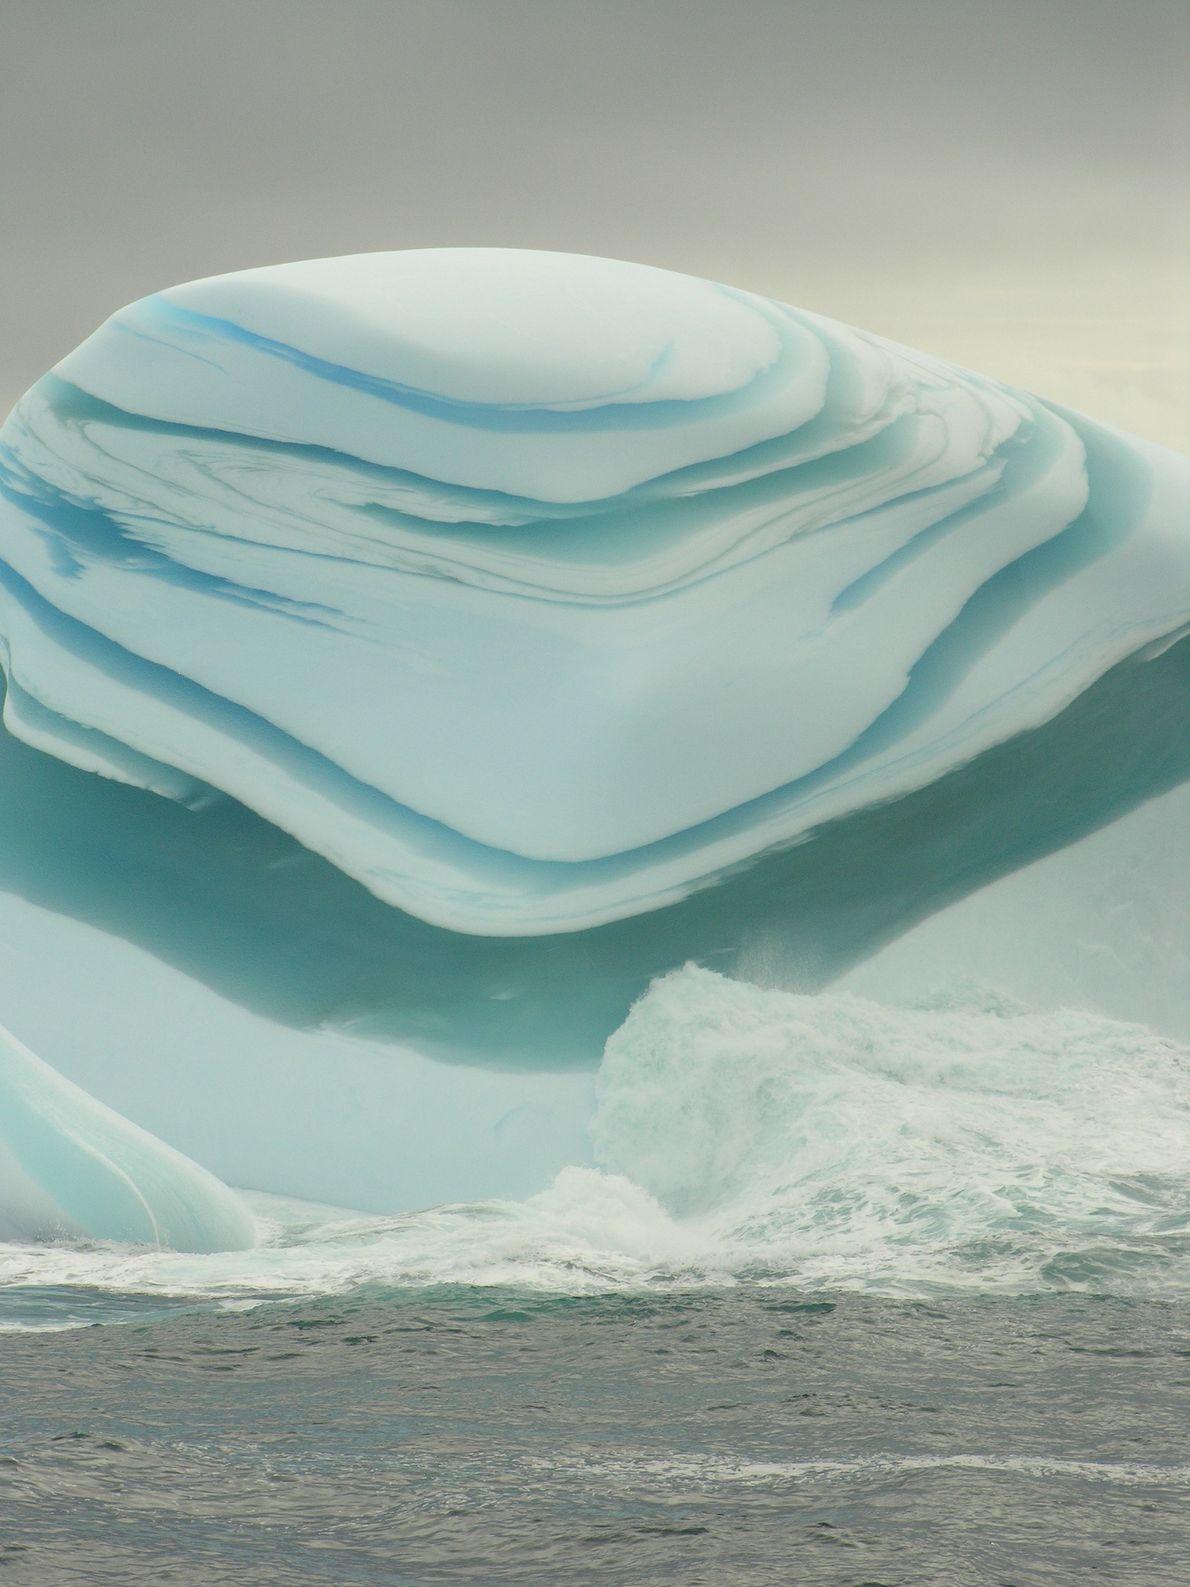 Bandas de hielo verde y blanco le dan a este iceberg de jade un aspecto inusual.